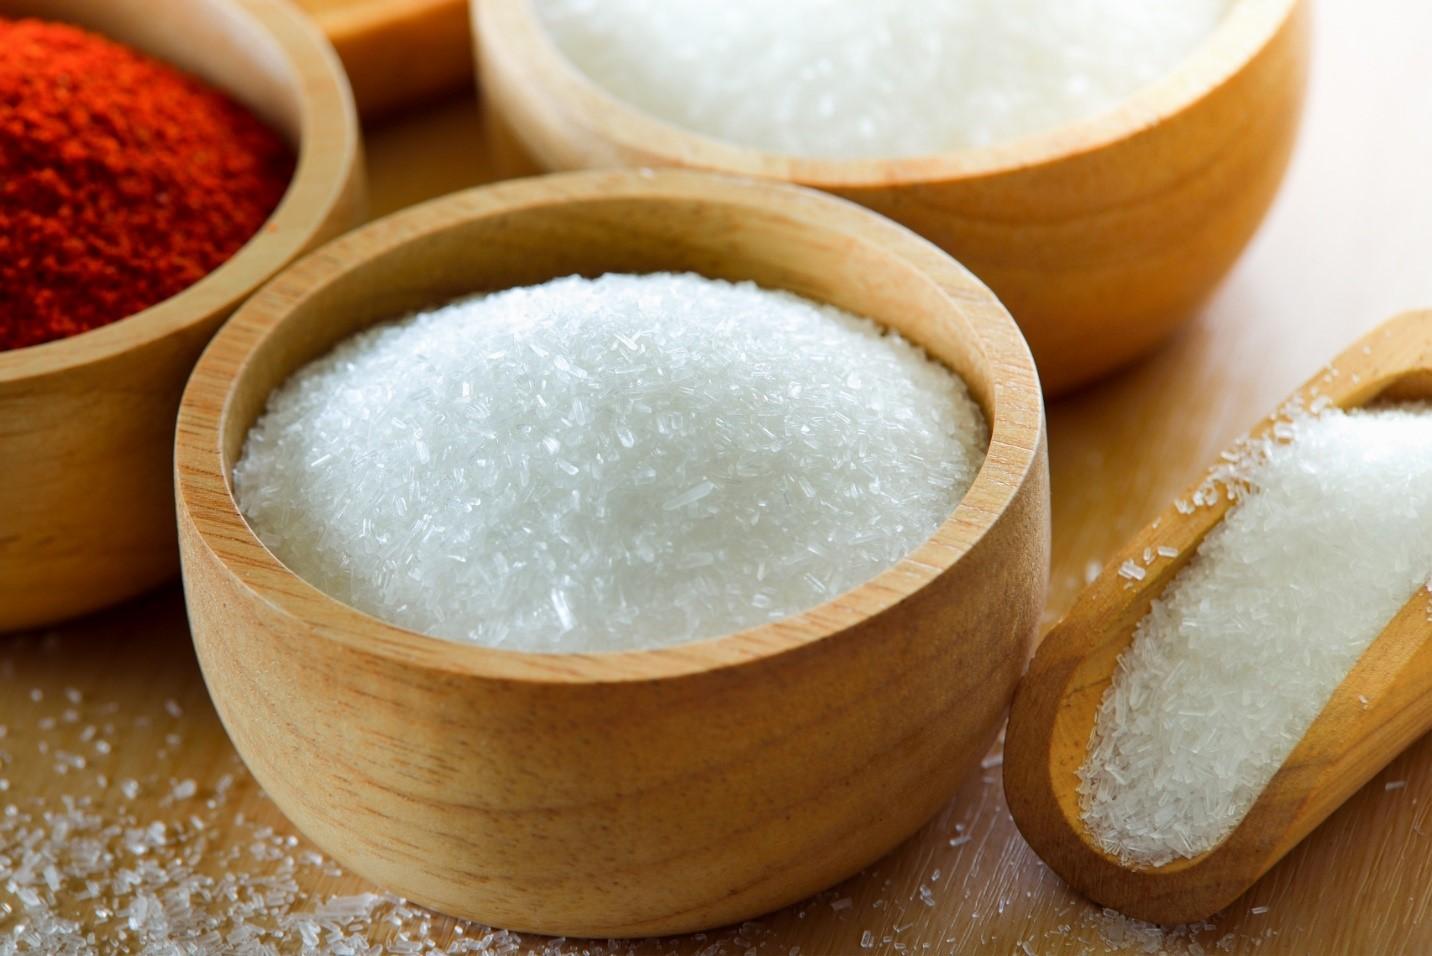 Bột ngọt được FDA công nhận là gia vị an toàn. Ảnh: Shutterstock